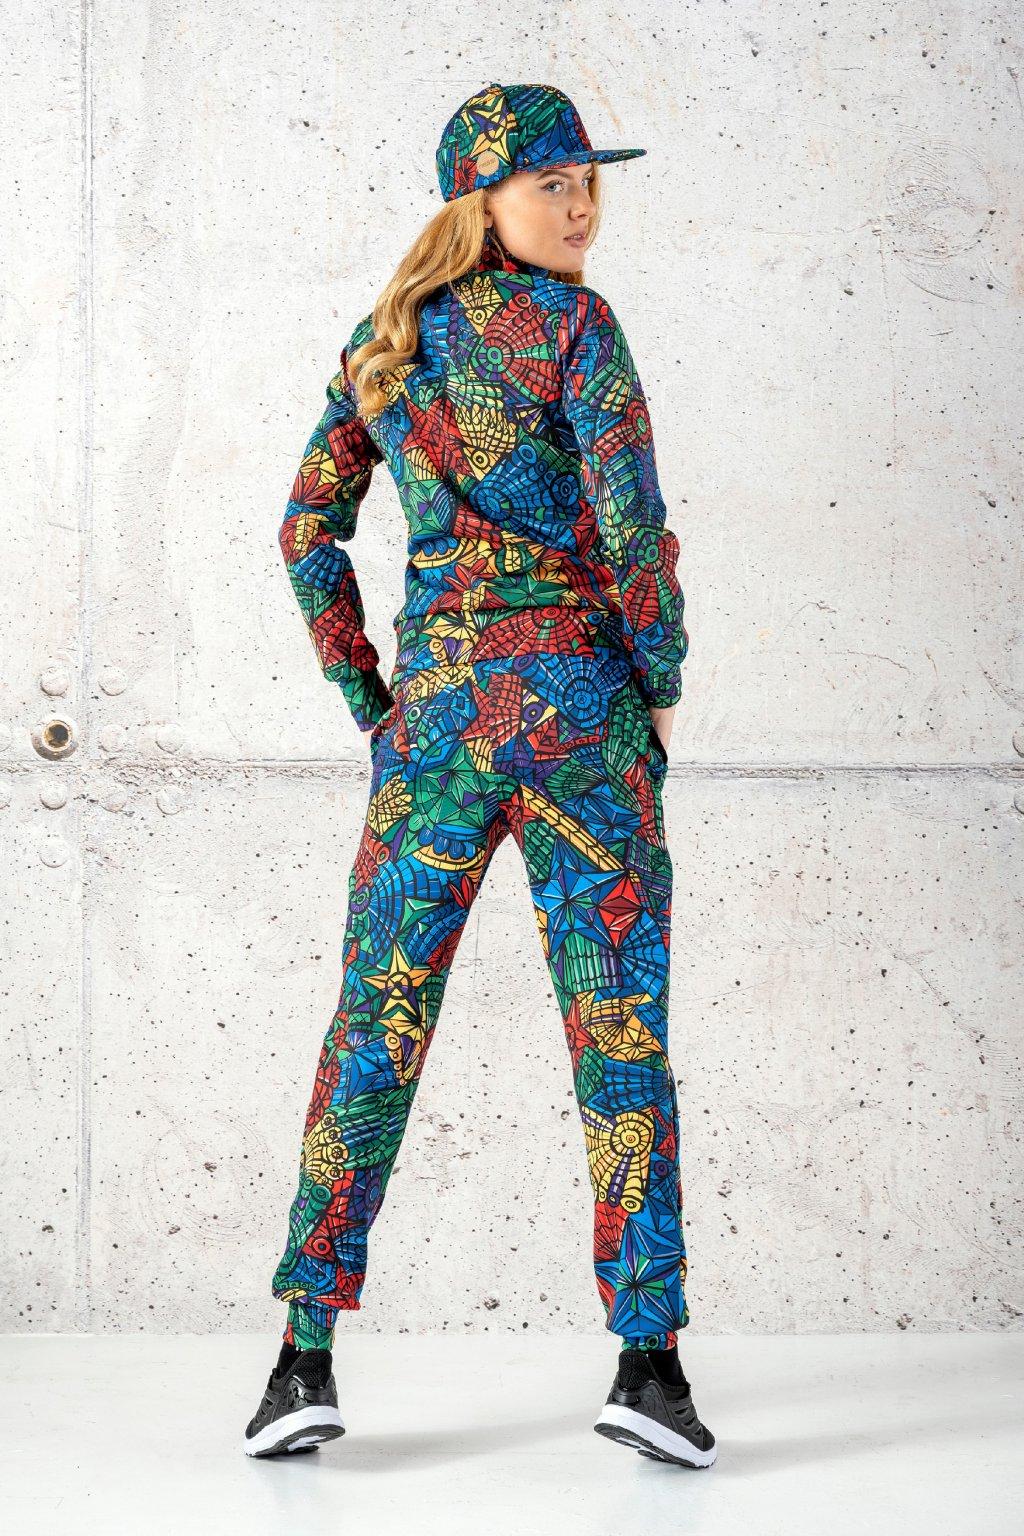 Volné sportovní kalhoty mosaic lumo sdwn 12m4 1